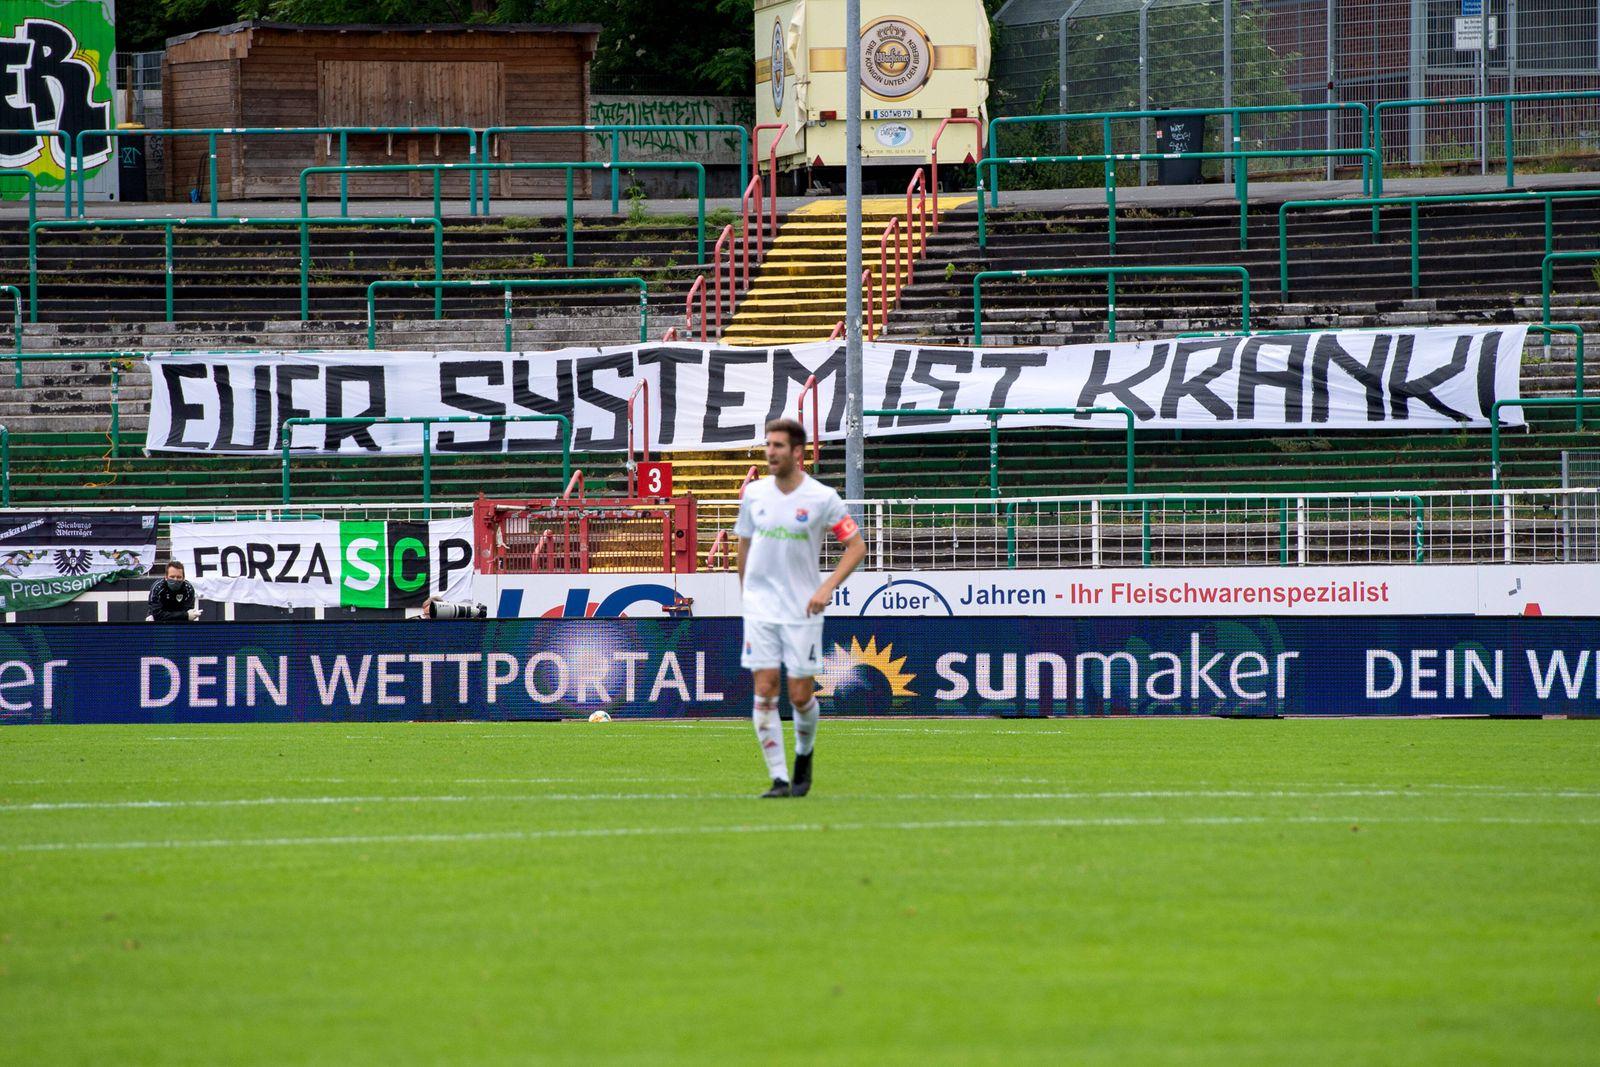 Münster, Deutschland 07.06.2020: 3. Liga - 2019/2020 - SC Preußen Münster vs. Sportvereinigung Unterhaching Leere Stehp